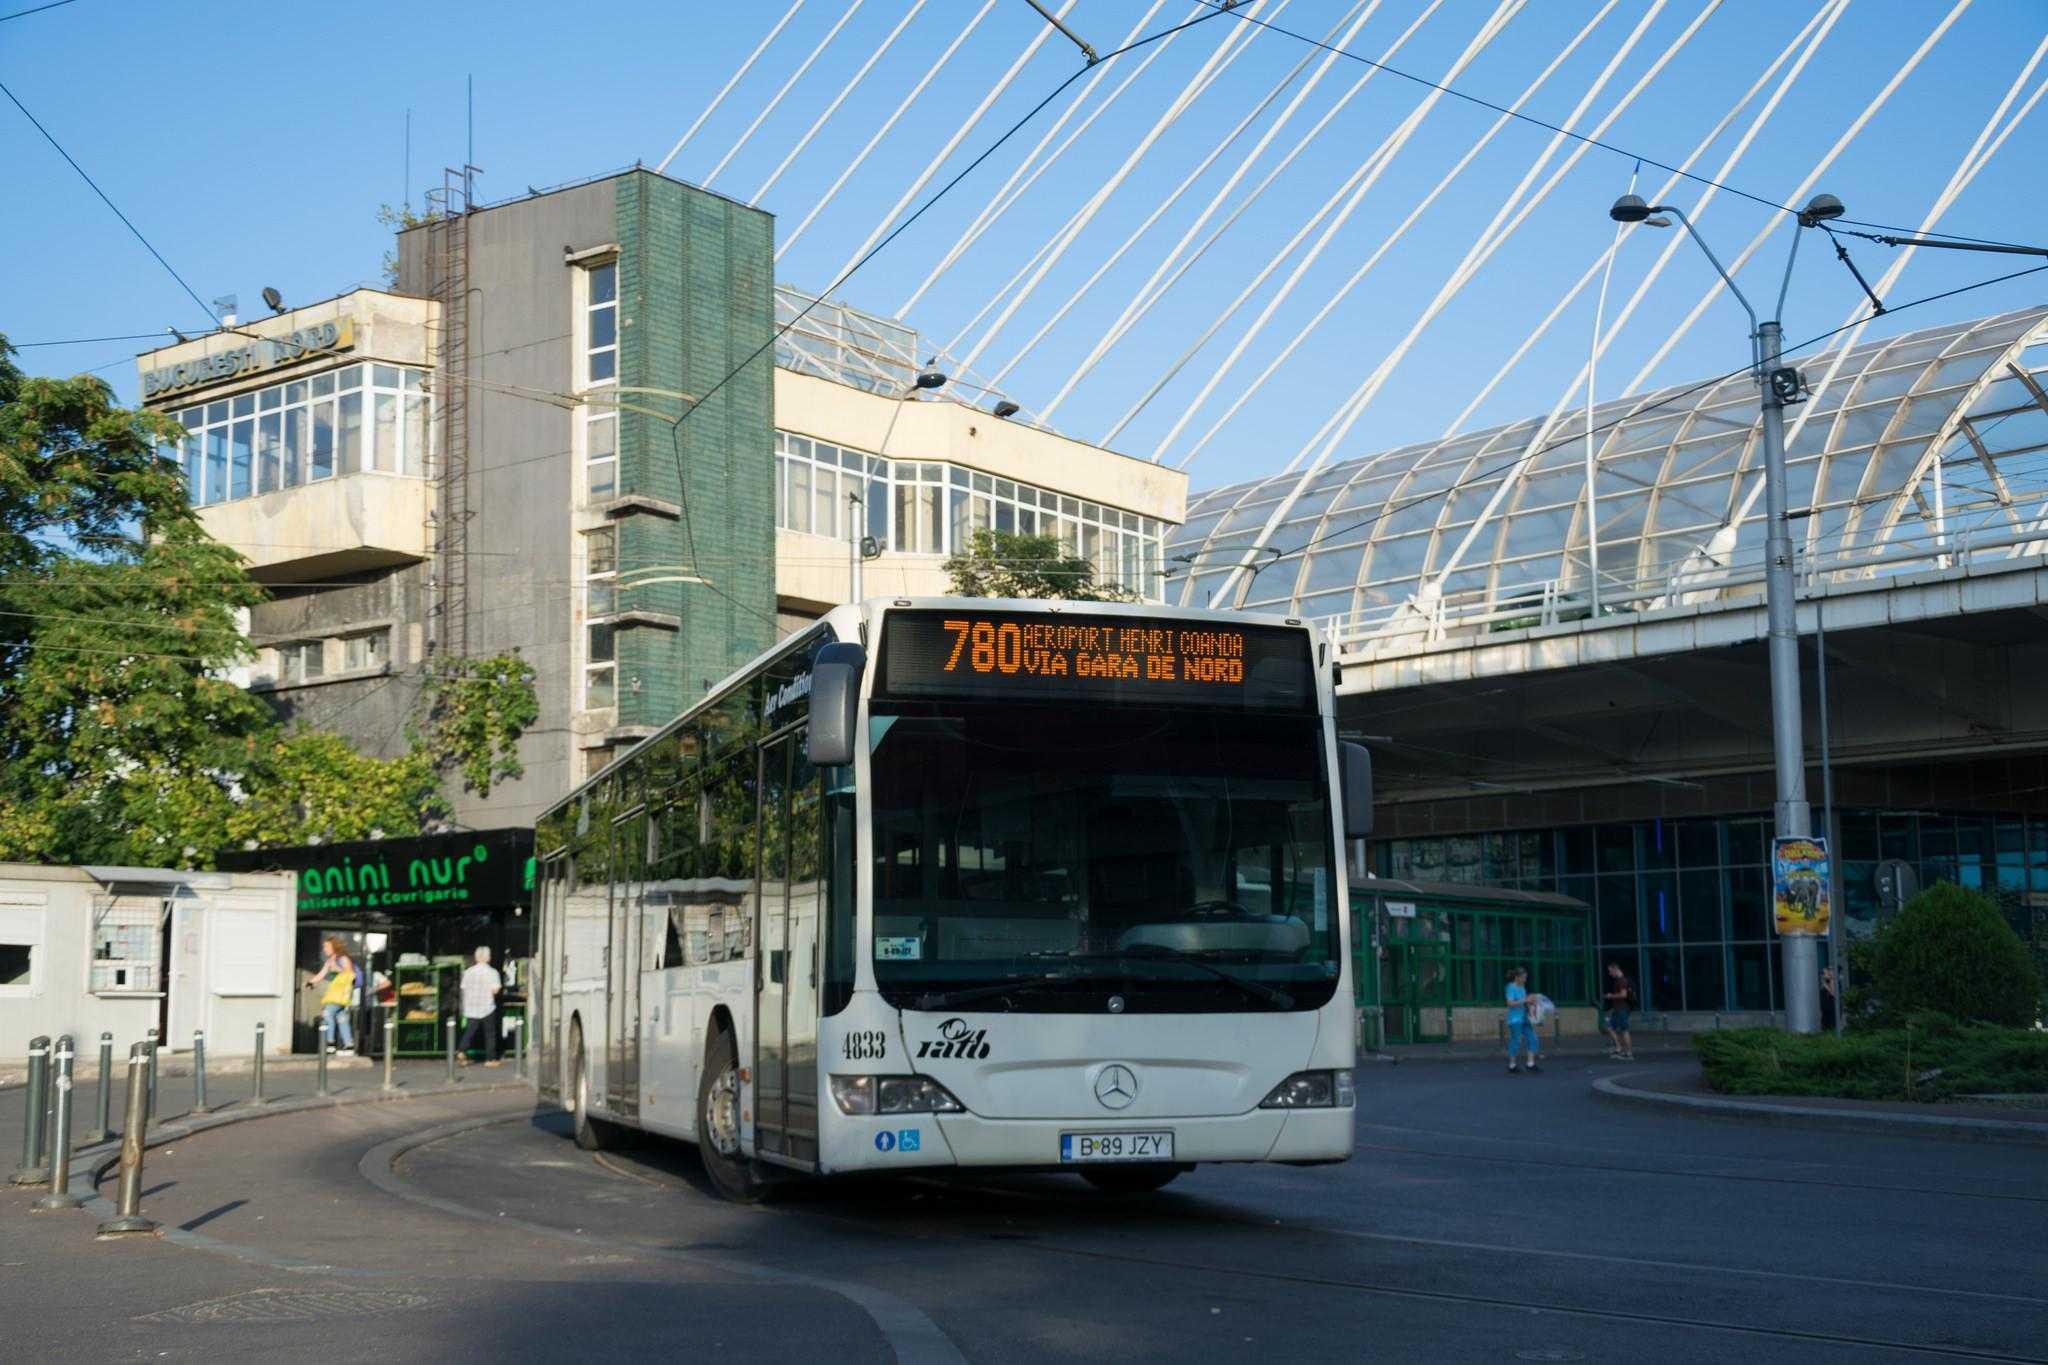 linia-expres-780-gara-basarab-aeroport-otopeni.jpg